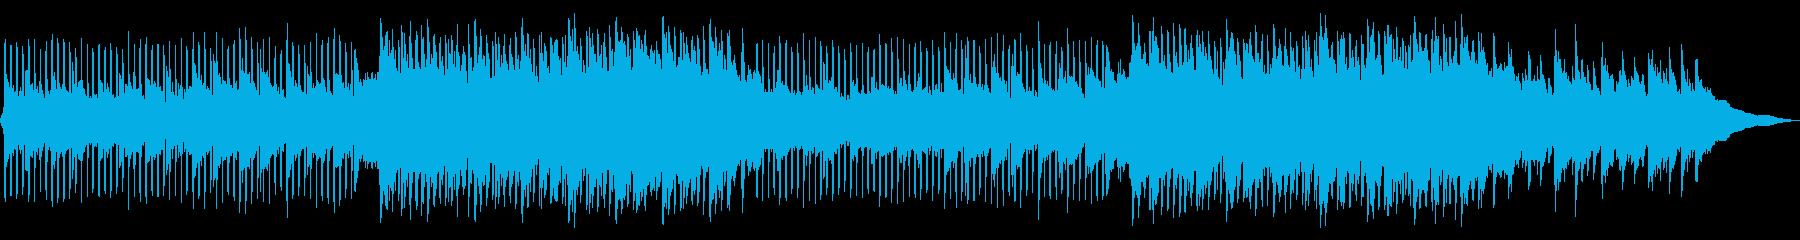 透明感、清涼感のあるピアノメロのEDMの再生済みの波形